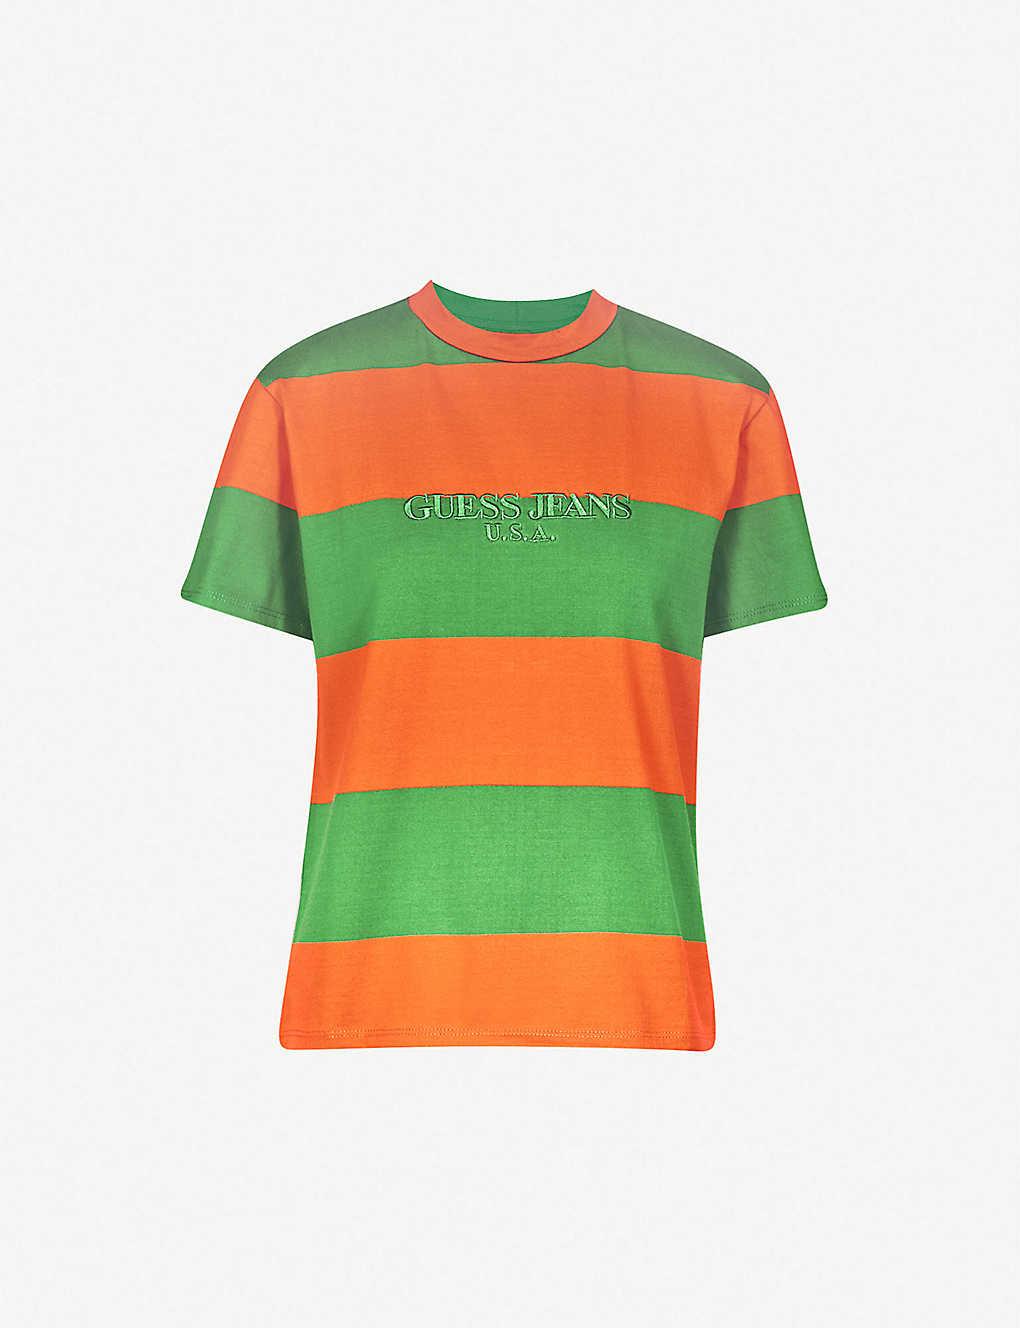 GUESS JEANS USA - Farmers Market logo-print striped cotton-jersey T ... fcfa82d55576